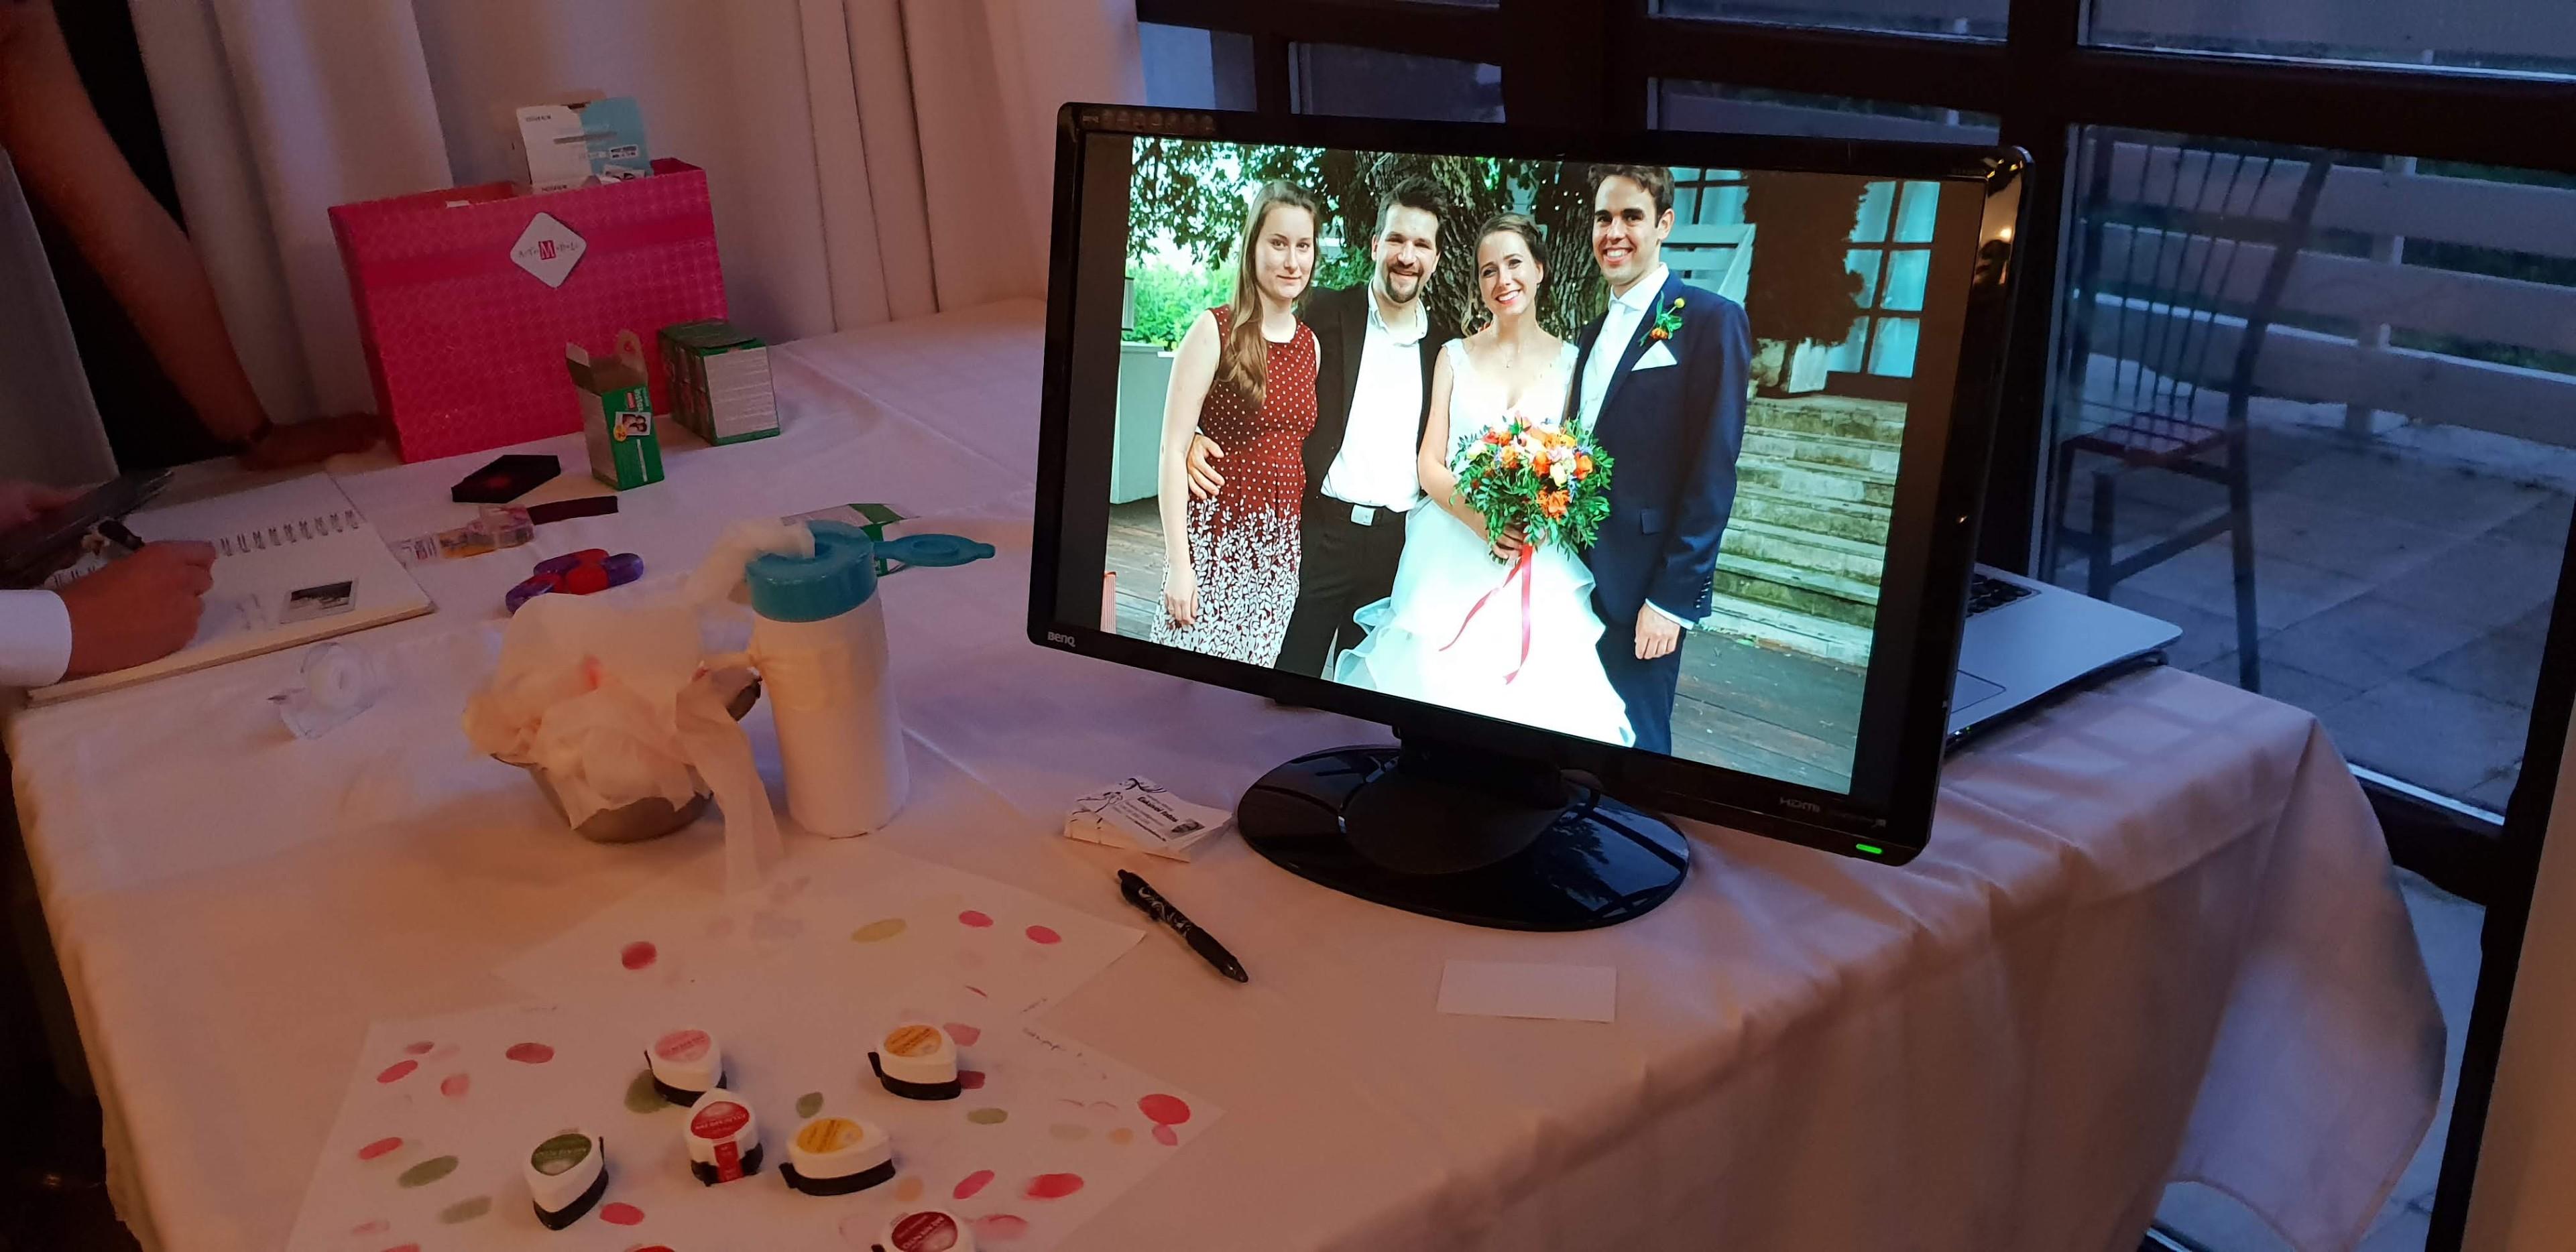 képvetítés esküvőkön